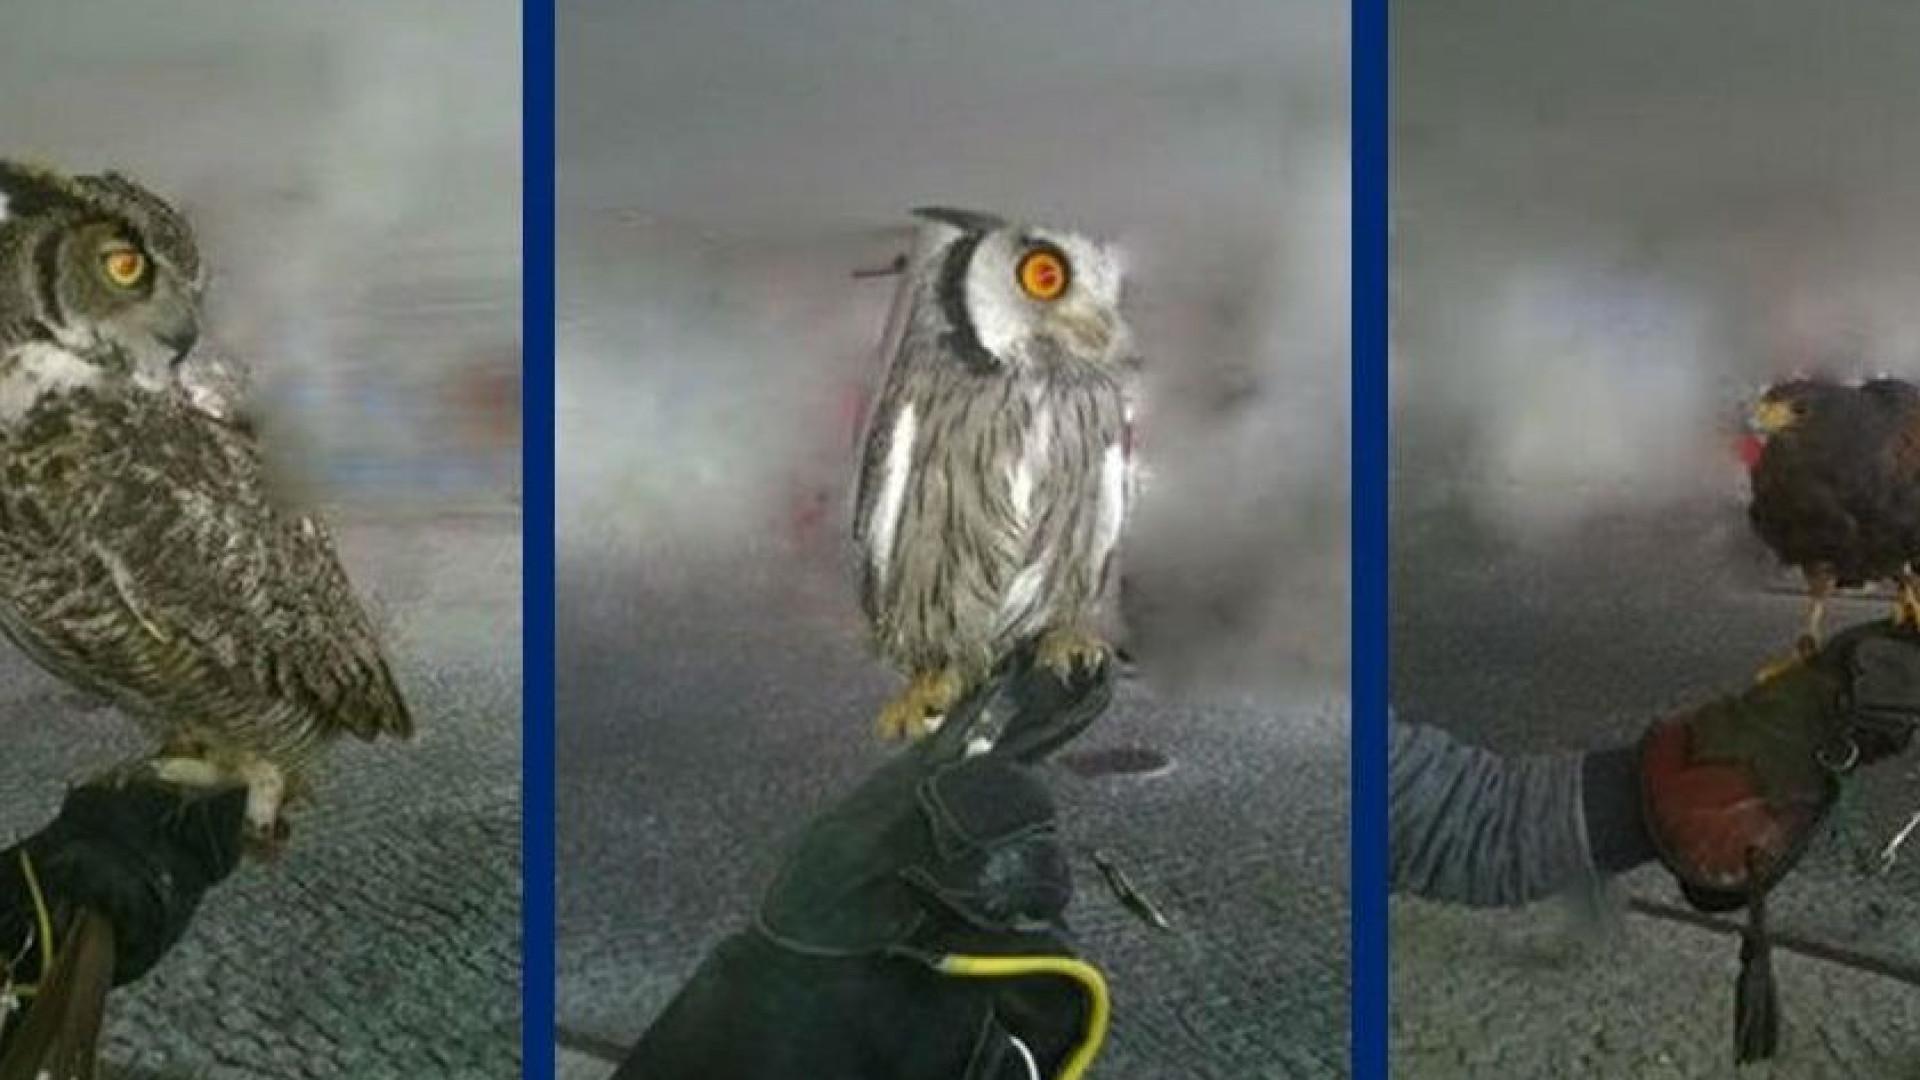 Aves de espécie protegida apreendidas em feira medieval